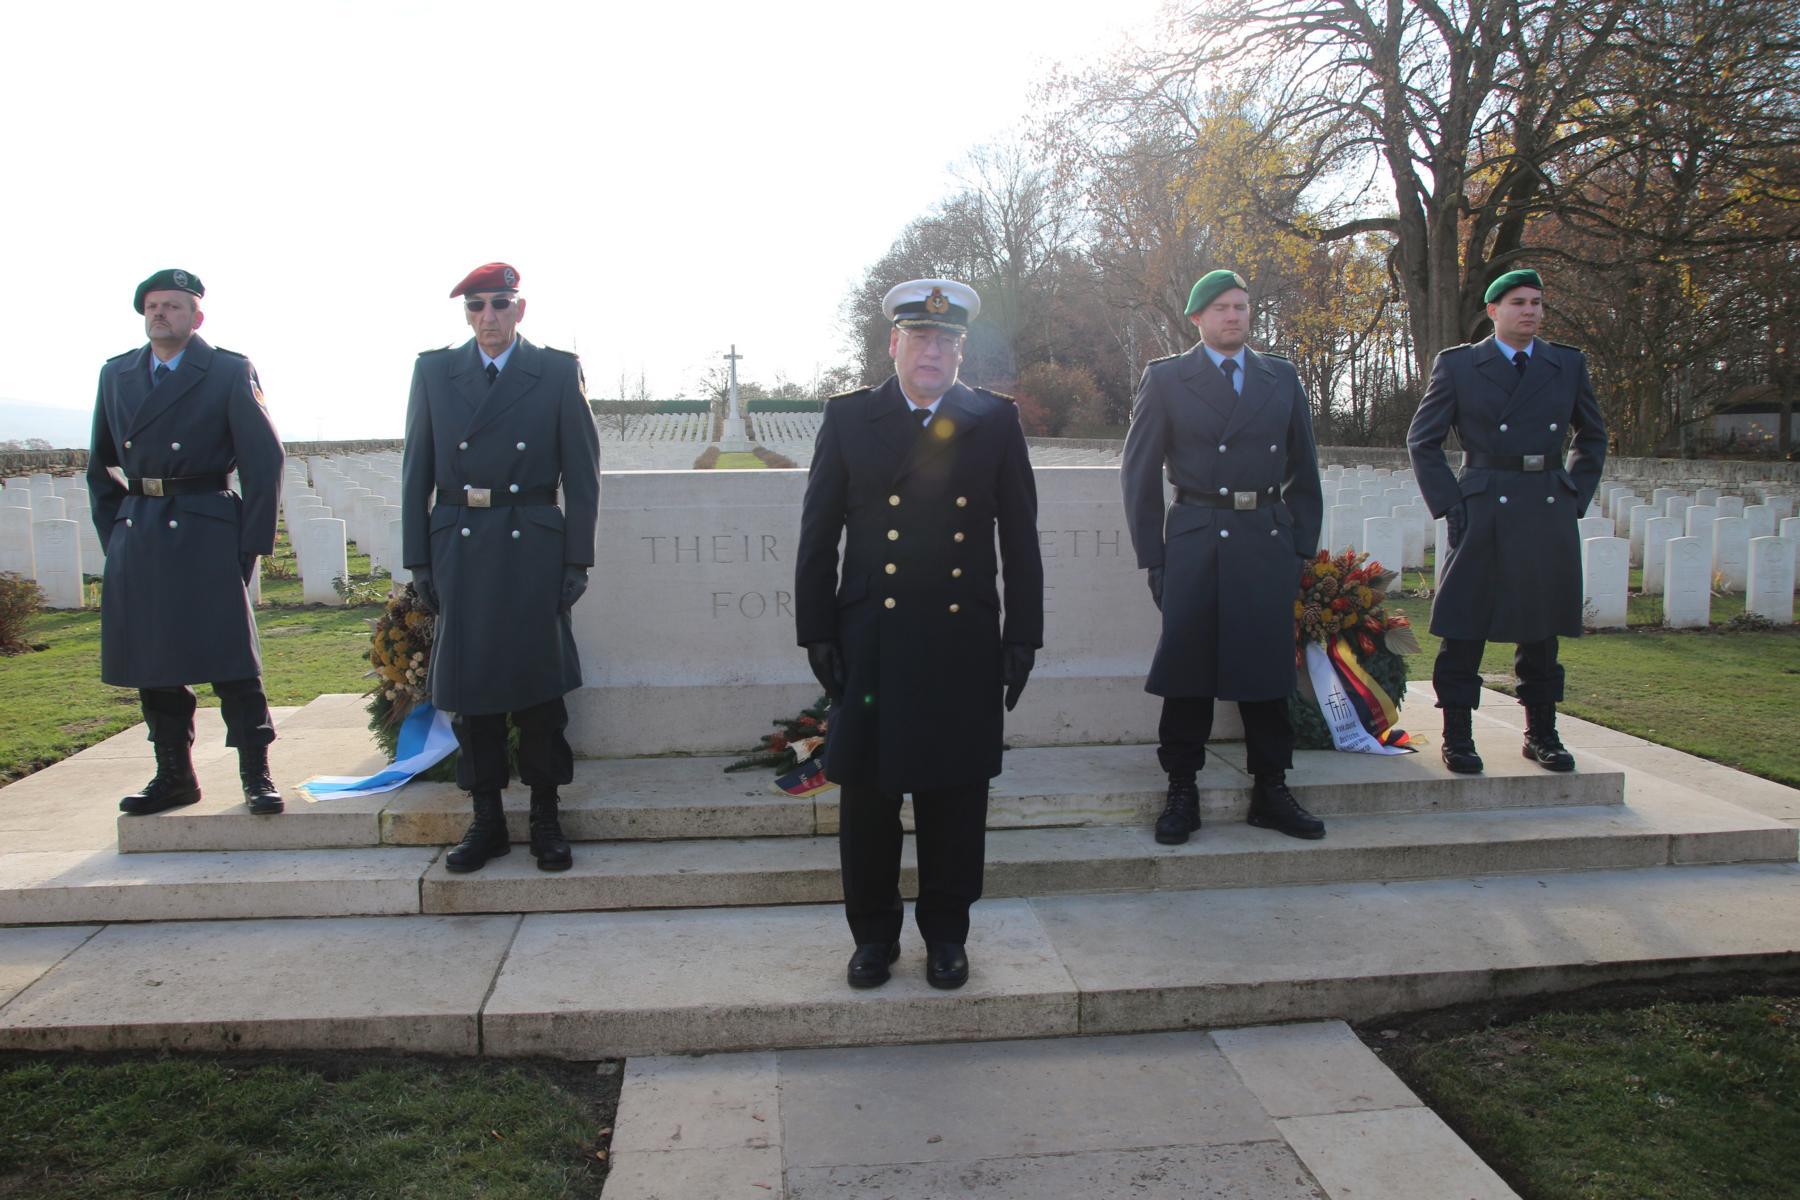 Abschlussworte und Überleitung zum Russischen Friedhof